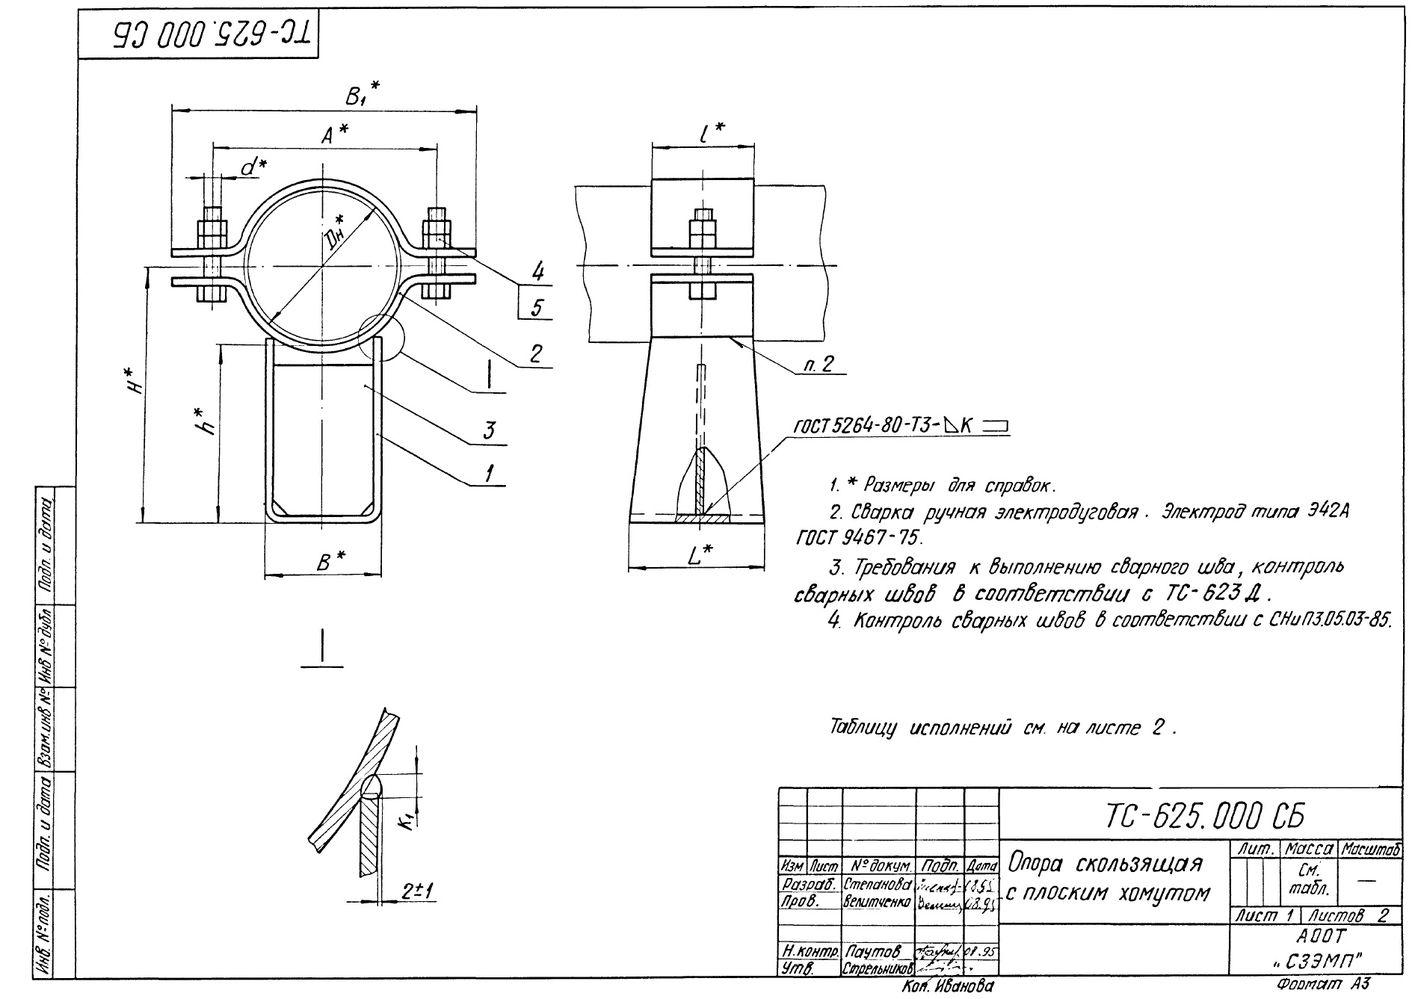 Опора скользящая с плоским хомутом ТС-625.000 серия 5.903-13 выпуск 8-95 стр.1